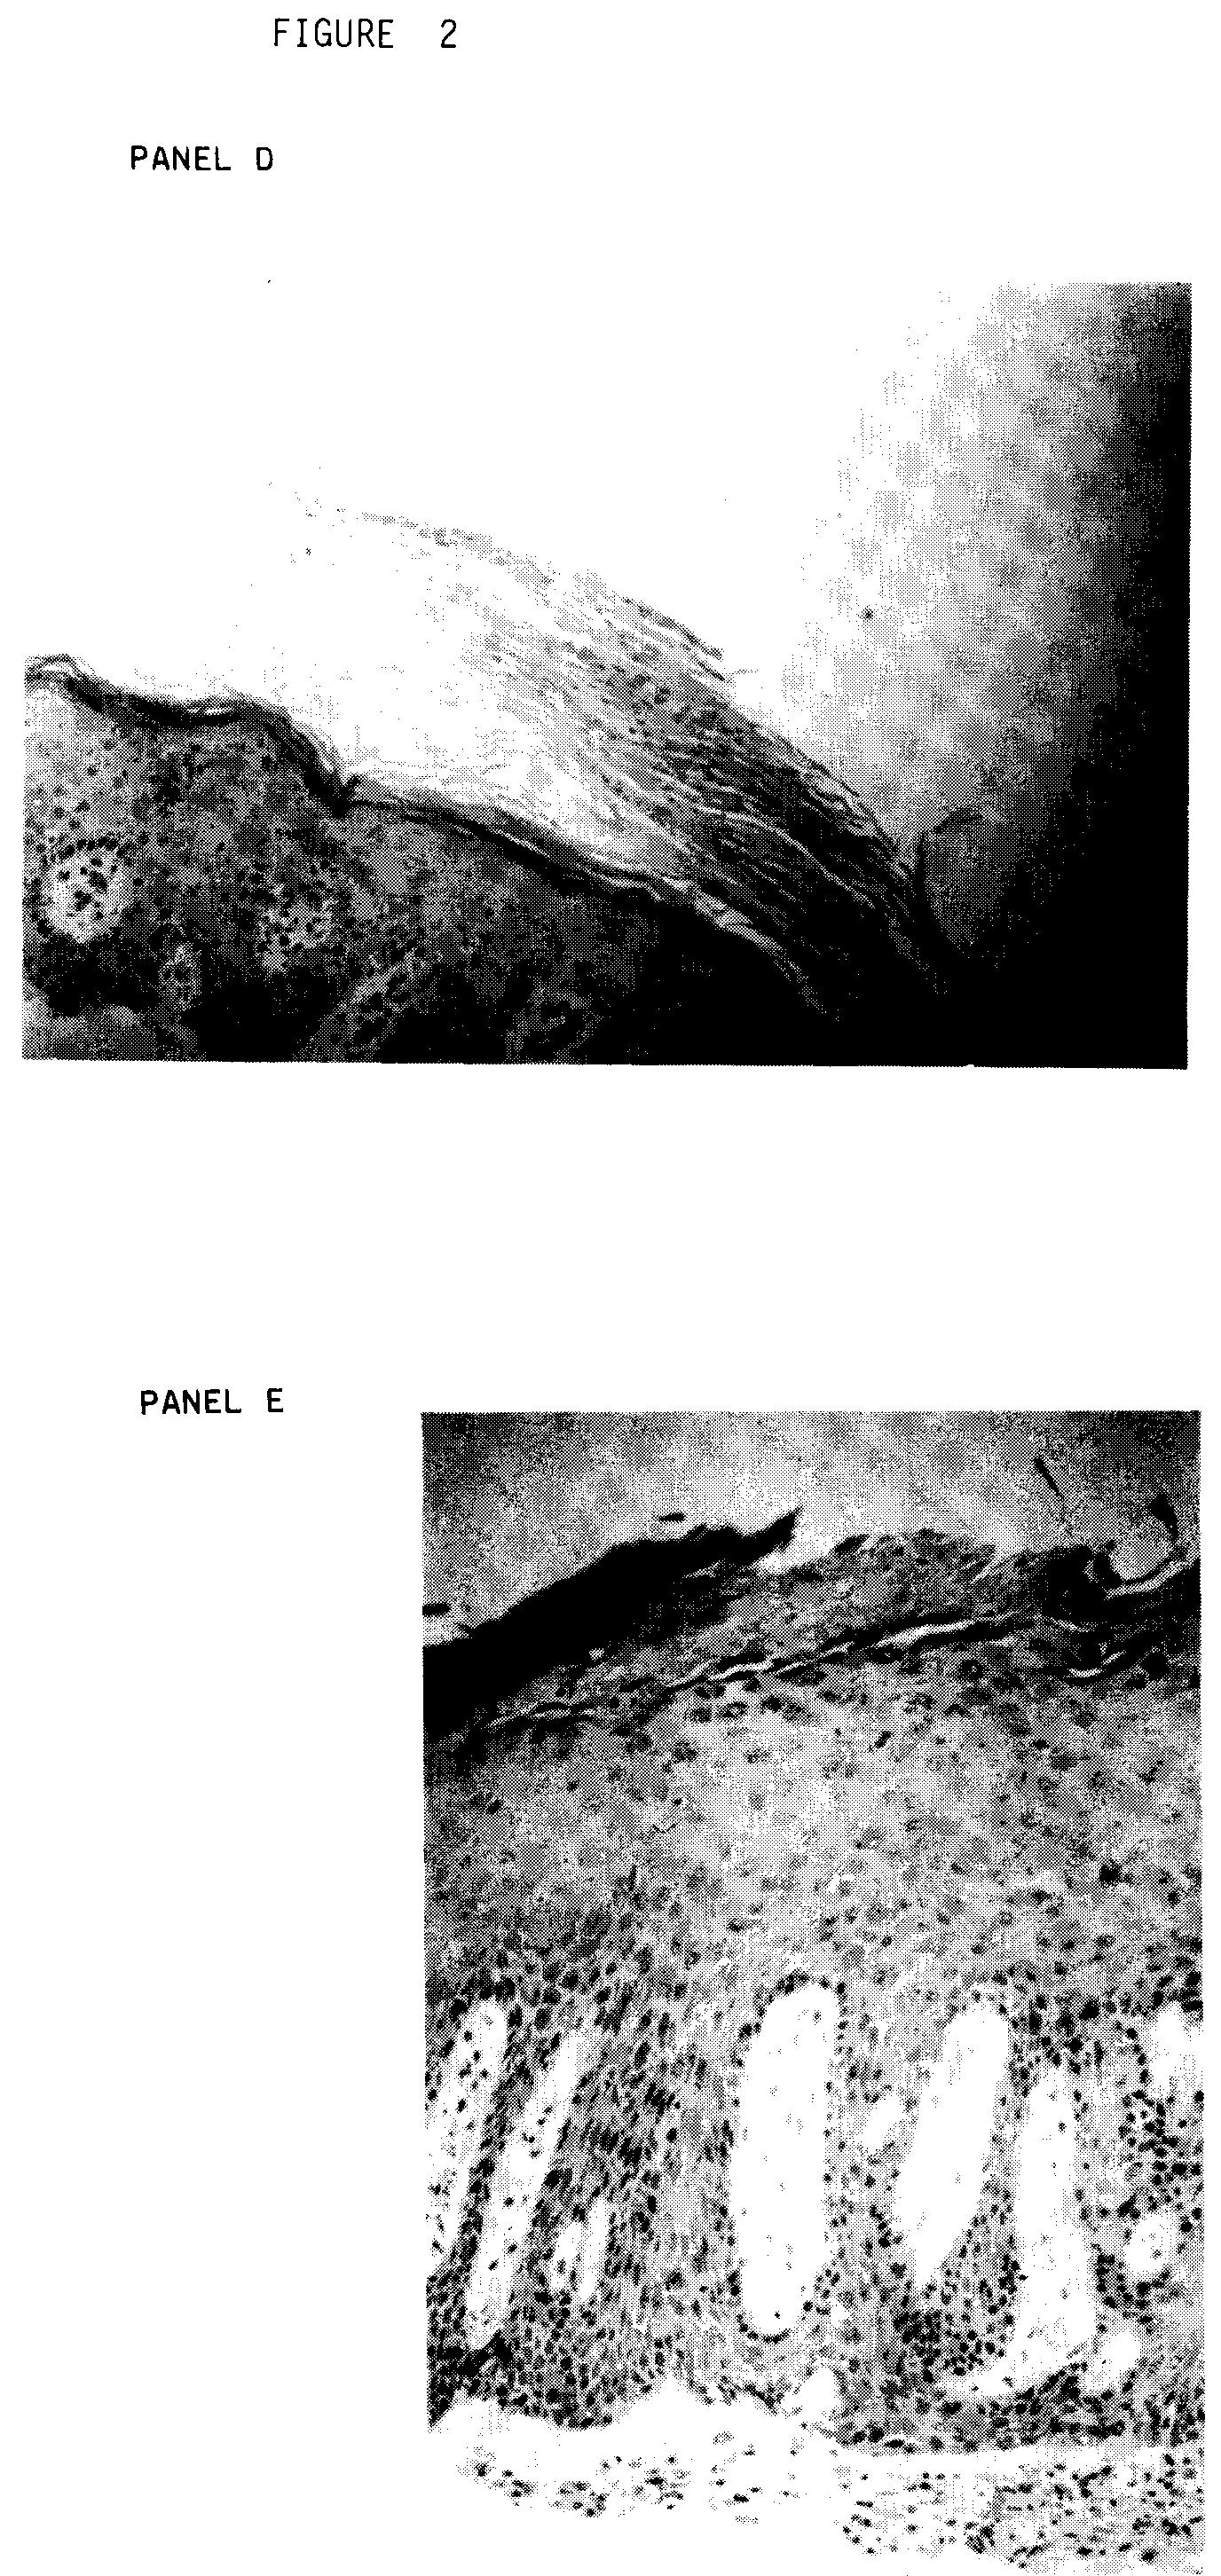 Pentoxifylline Topical Cream